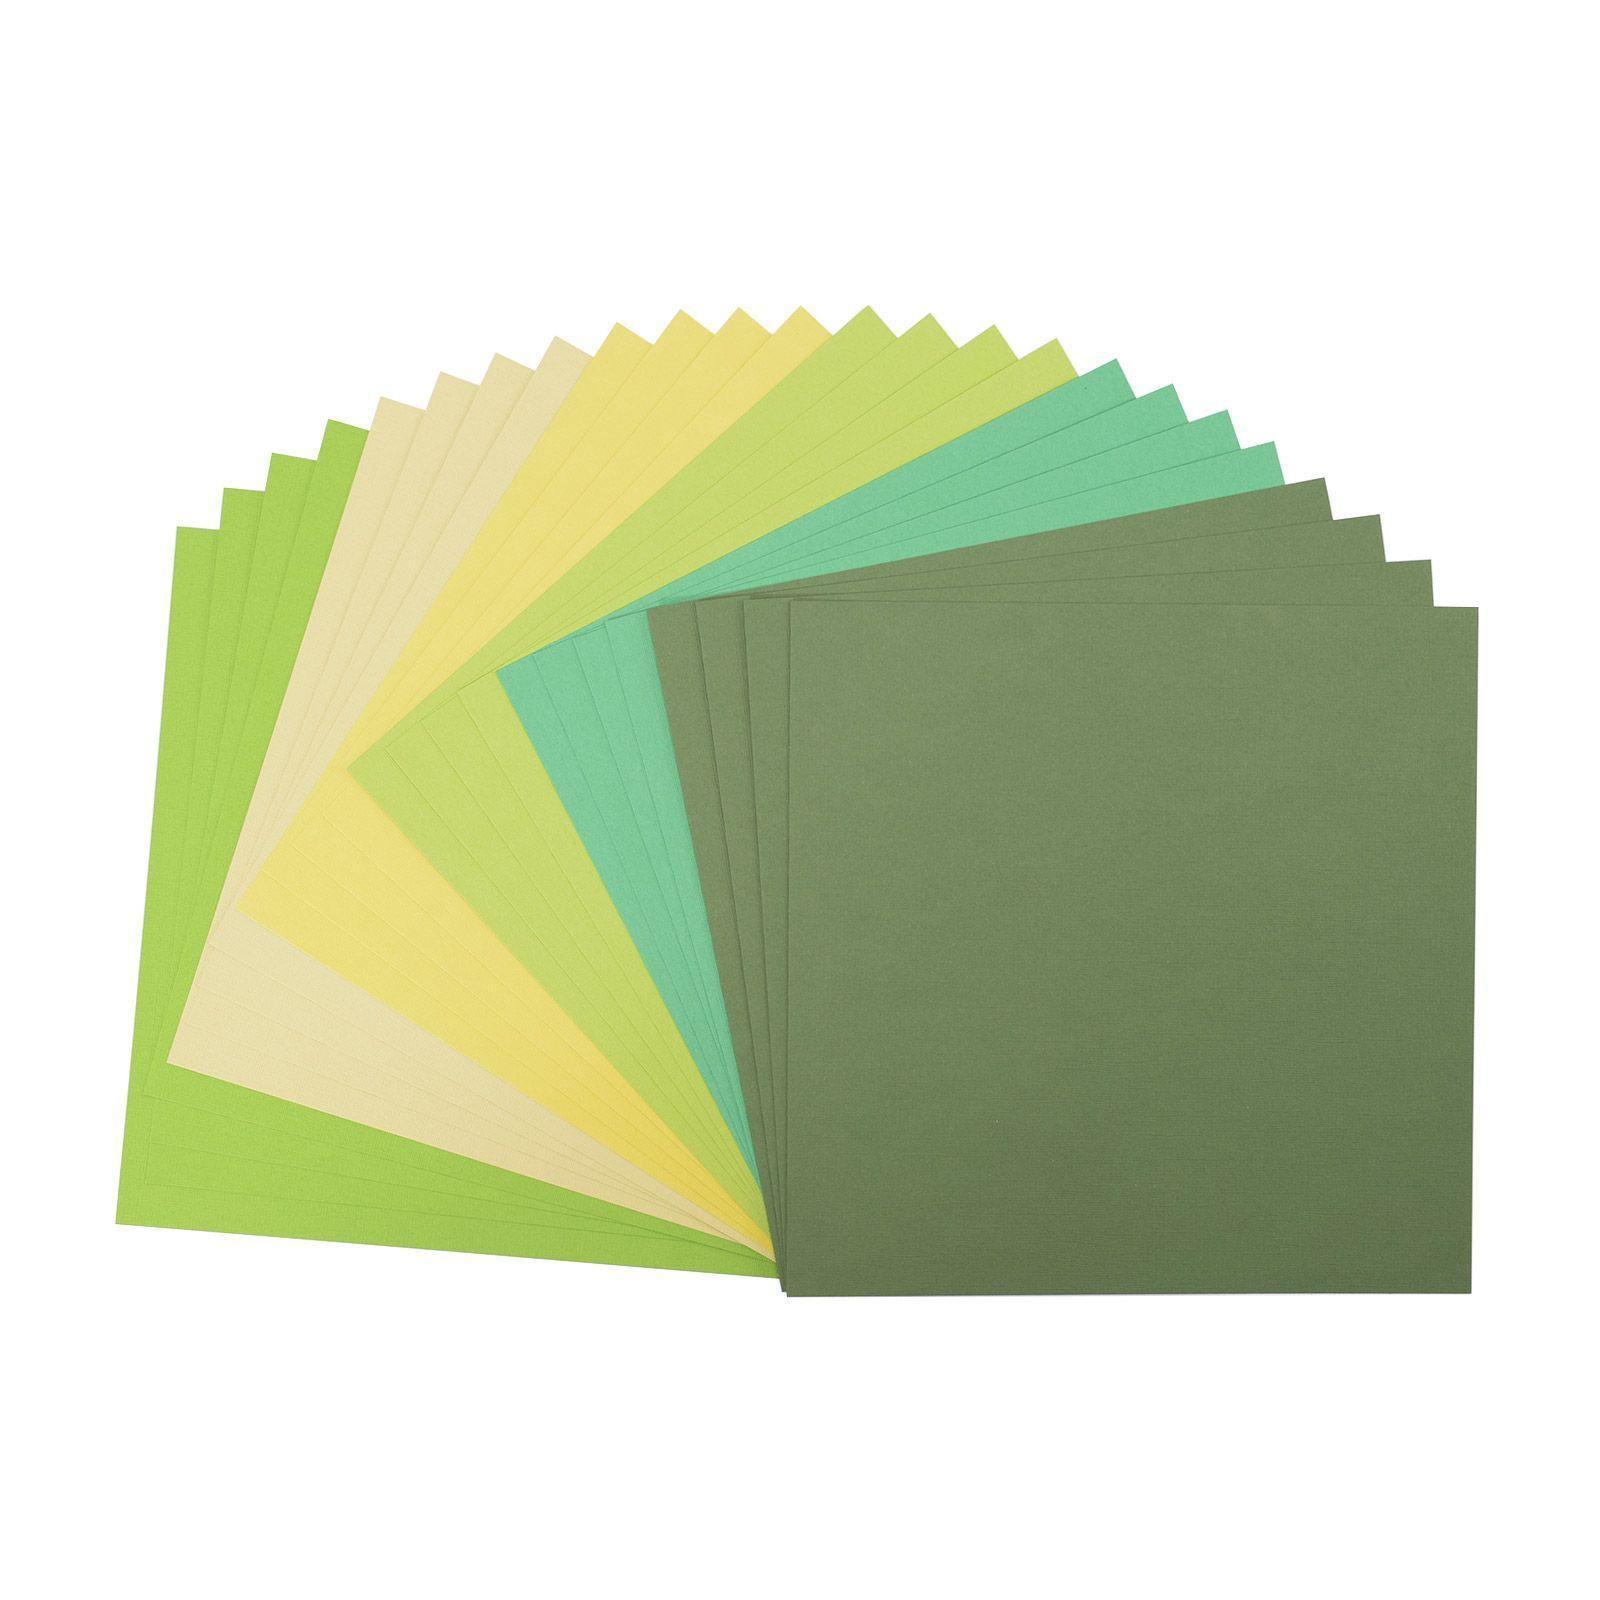 Pack de 24 planches de papier texturé 216 g/m2 - 30.5x30.5 cms - assortiment de verts